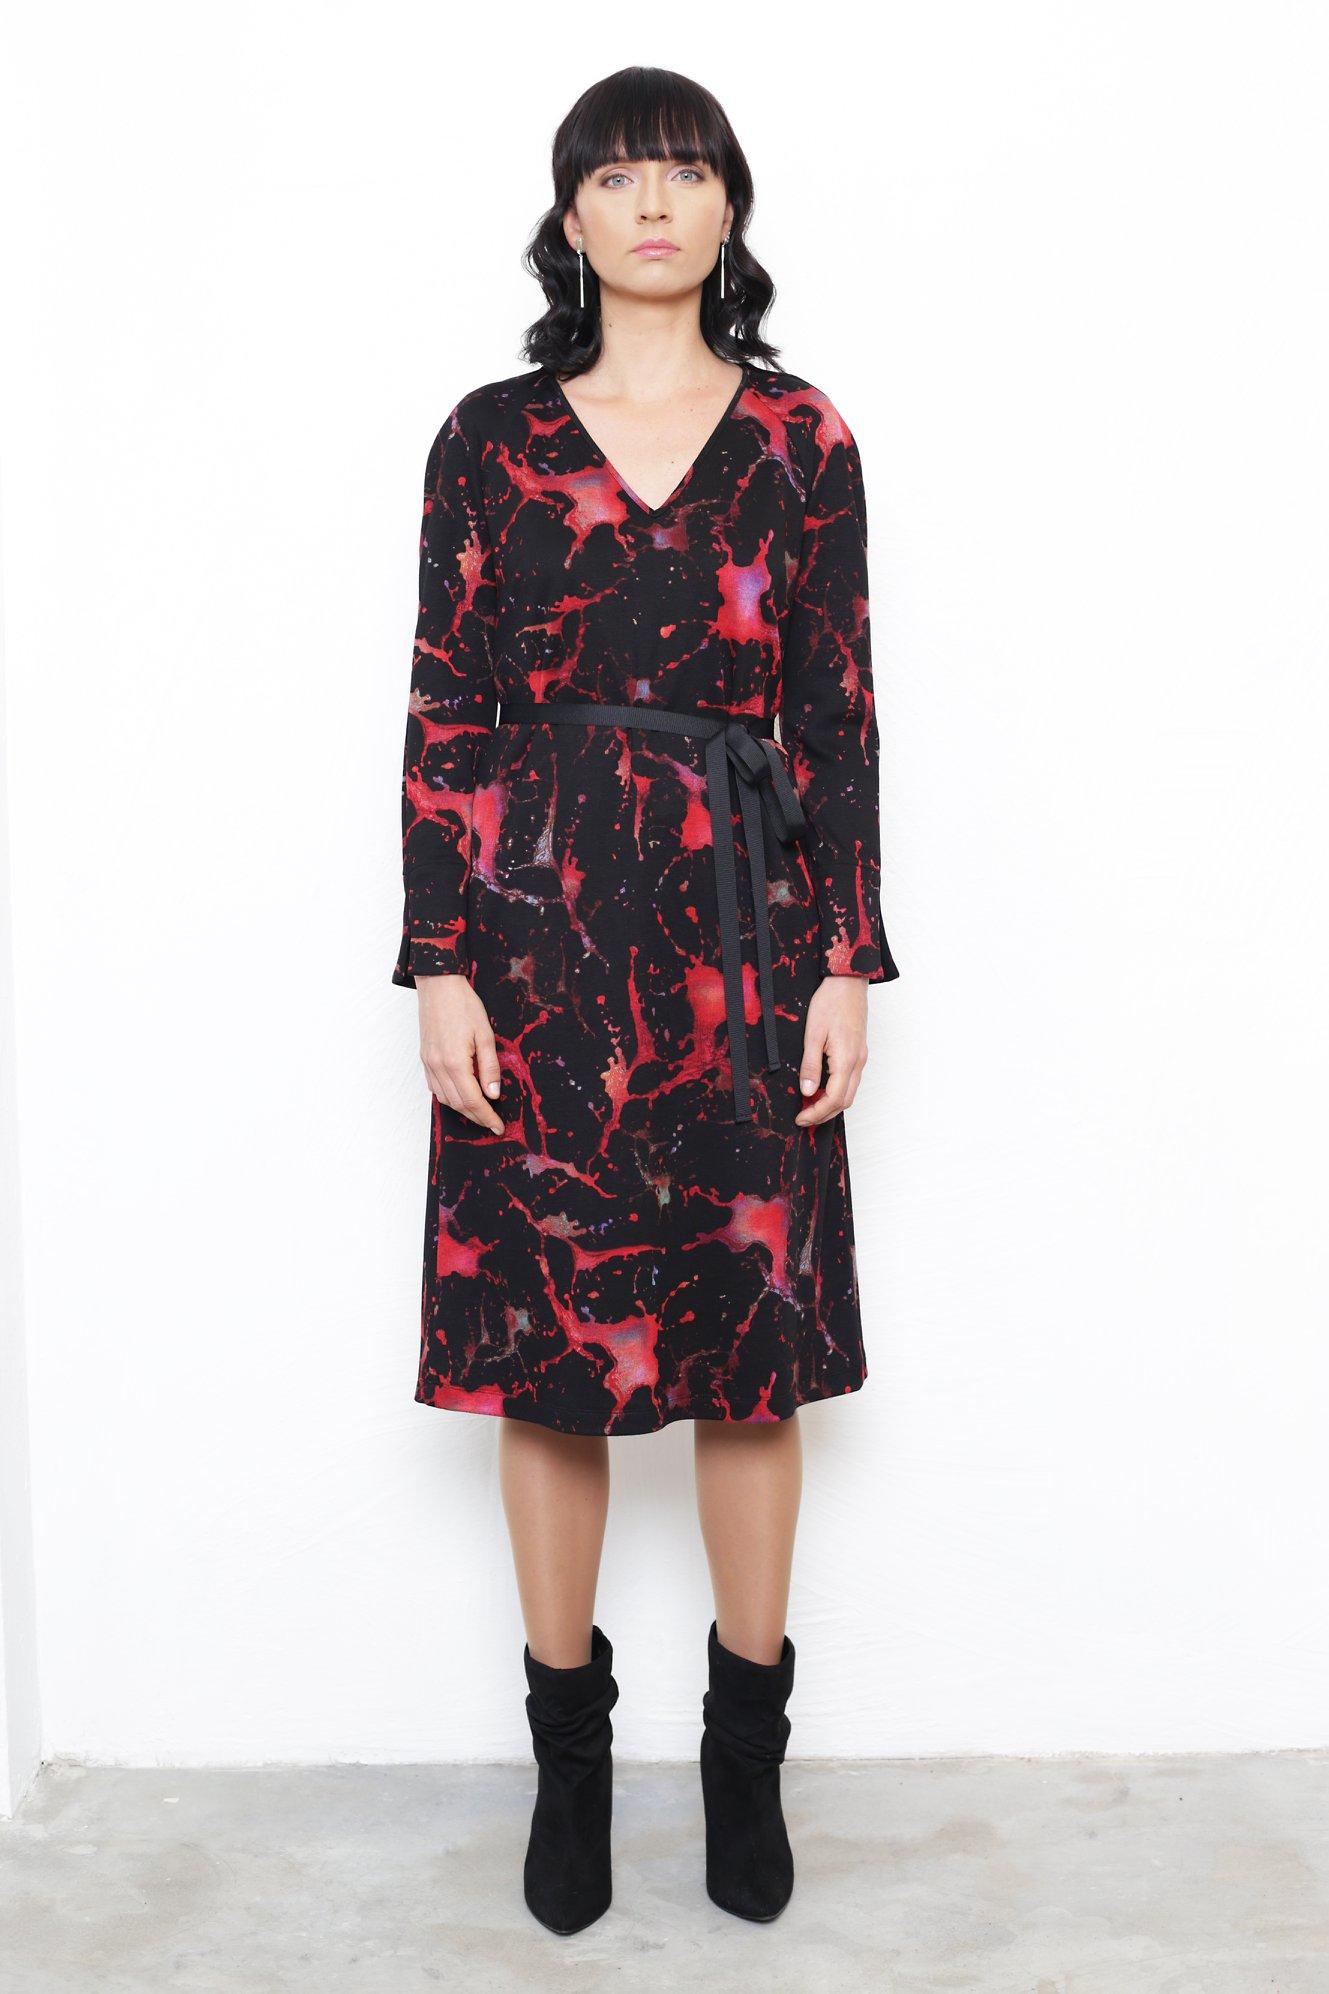 Kleit Alta / Musta punase kirju 220€